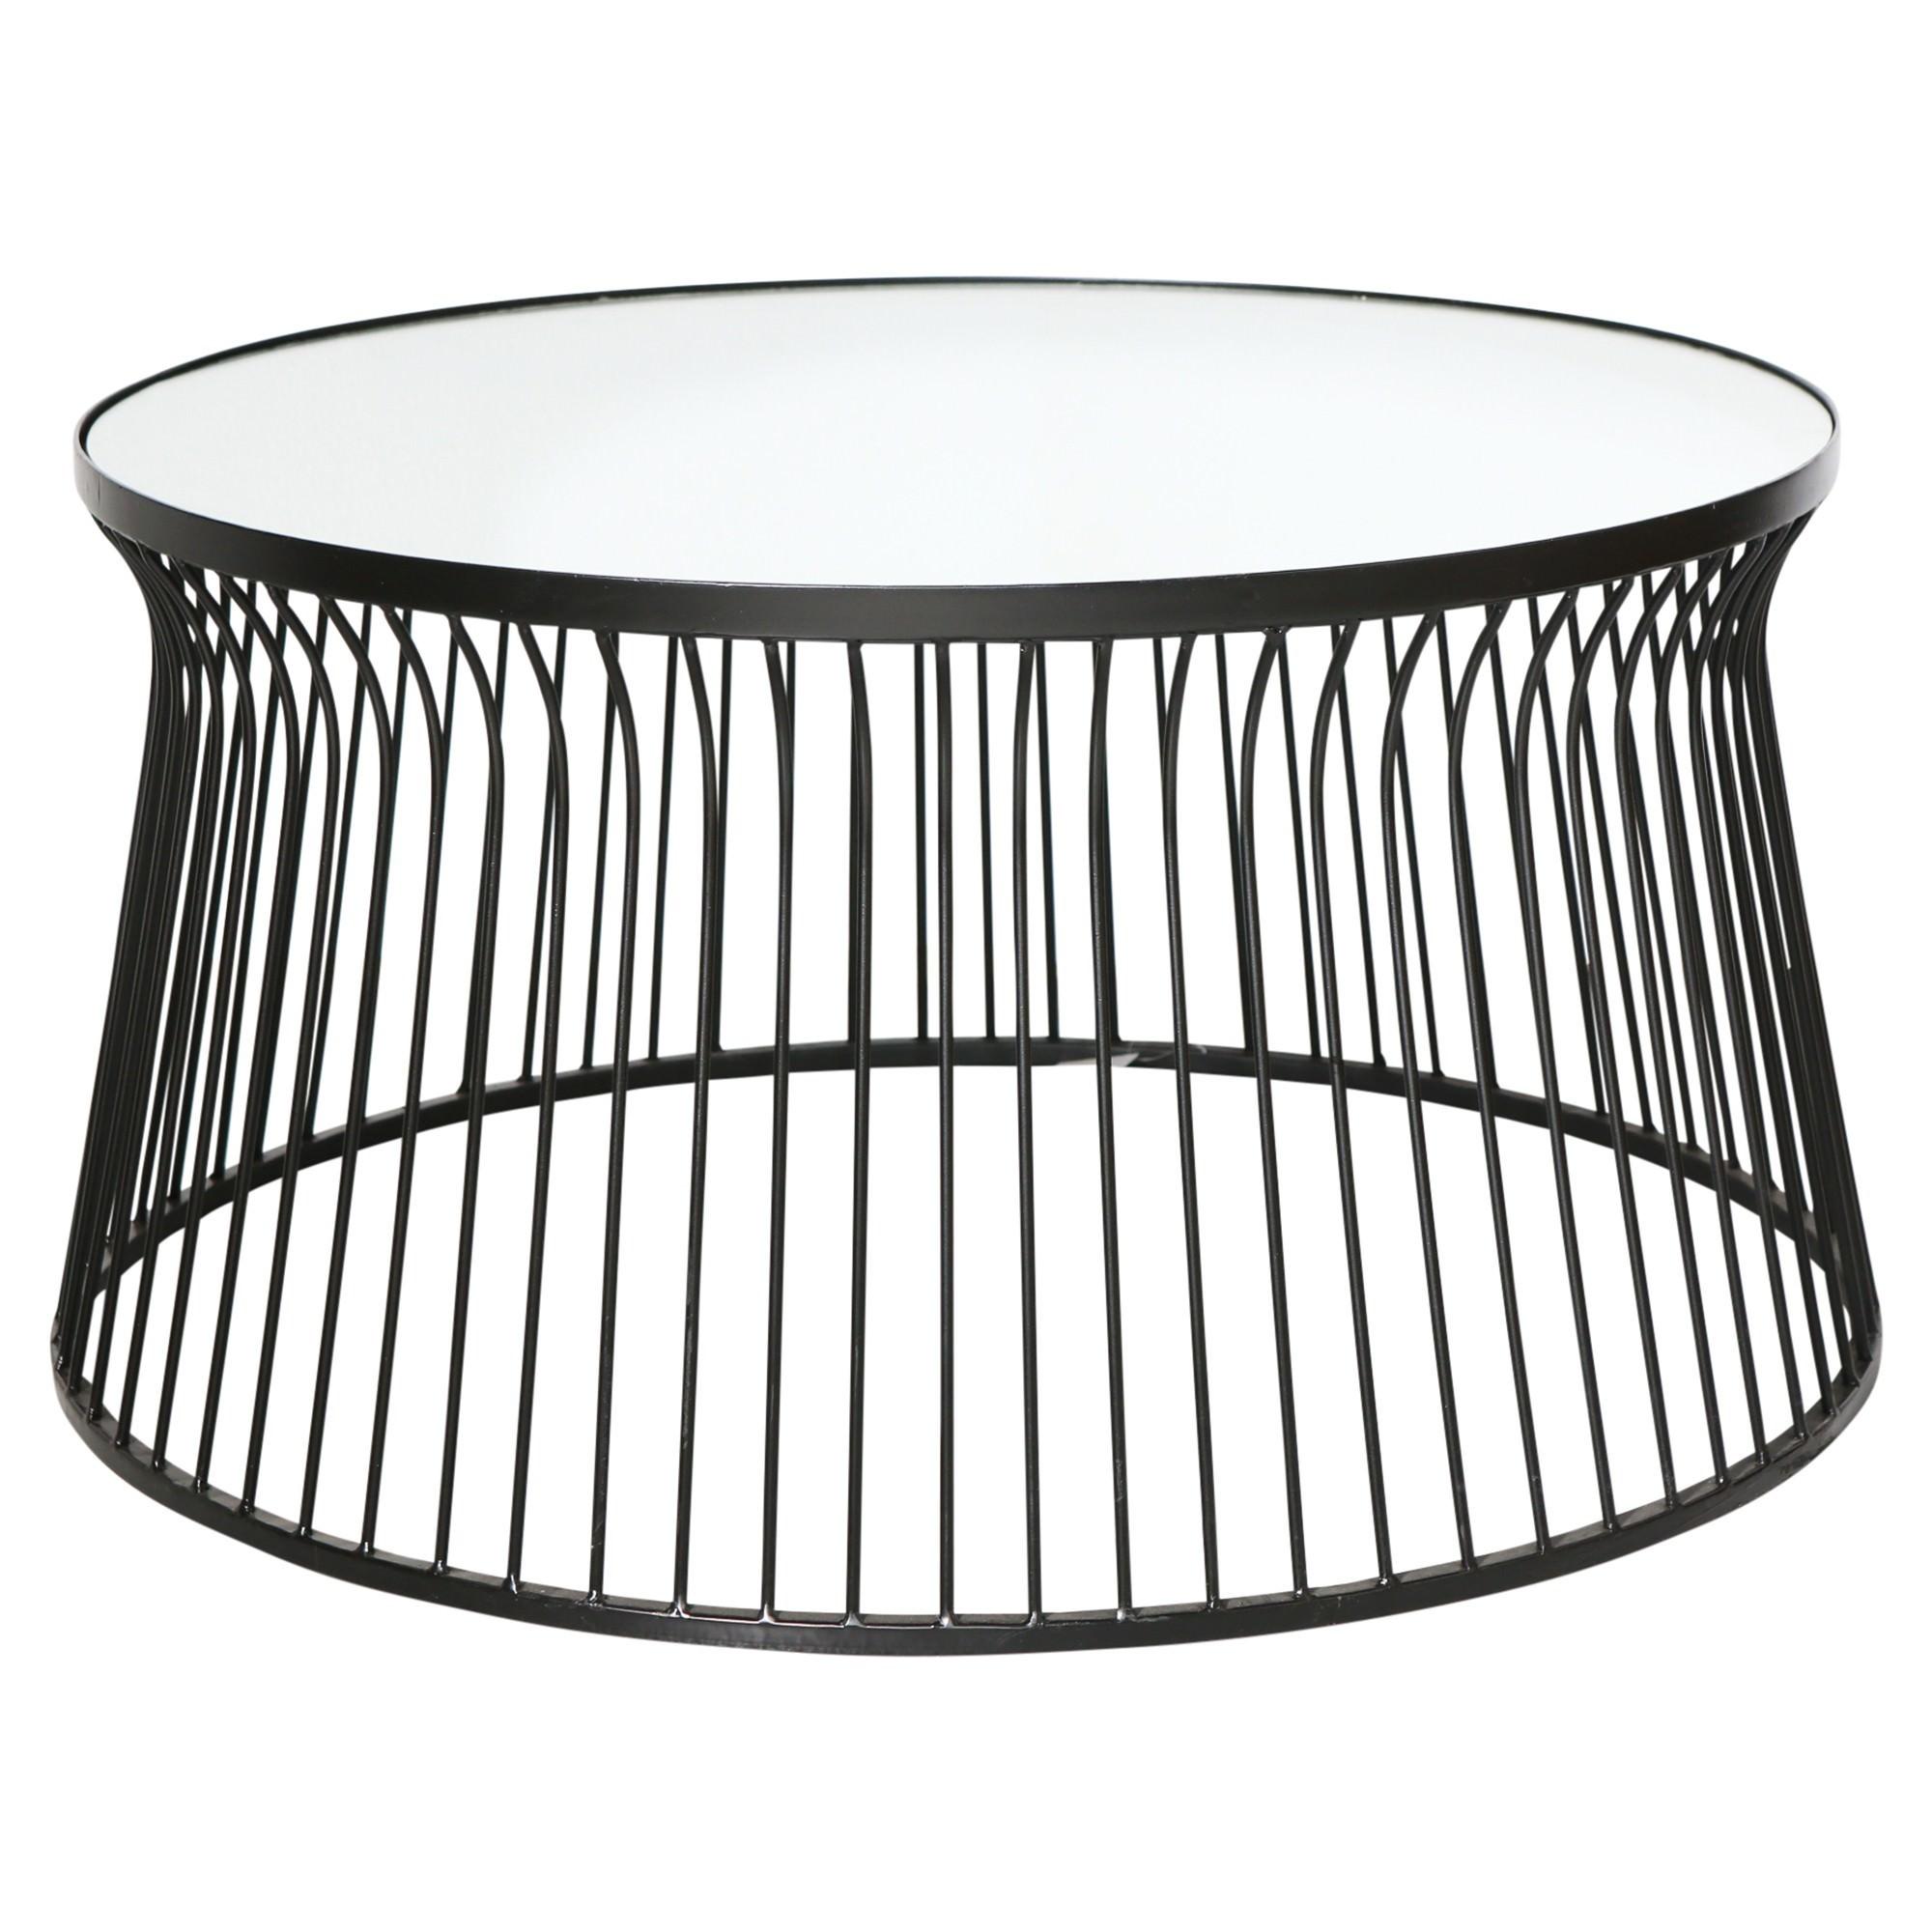 - Lexa Mirror Topped Iron Round Coffee Table, 96cm, Black